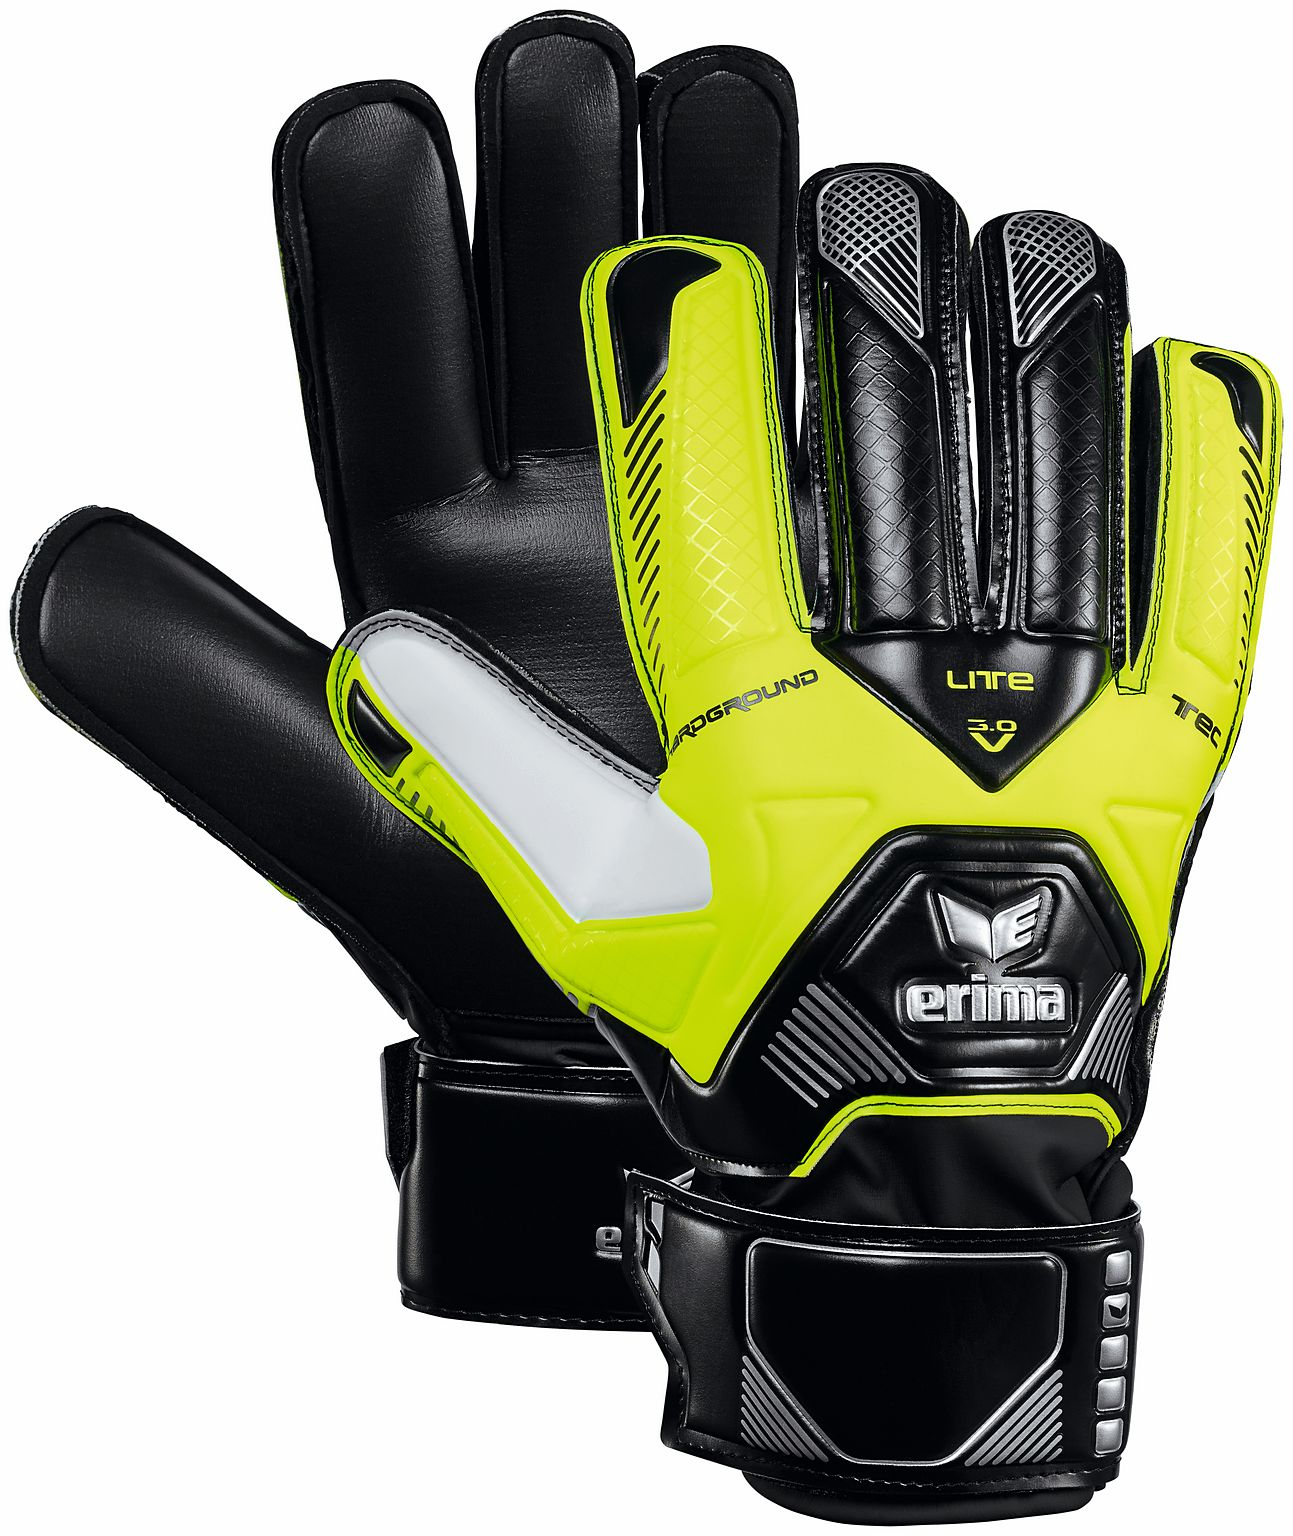 Torwart-Handschuhe Tec Lite Hardground 3.0